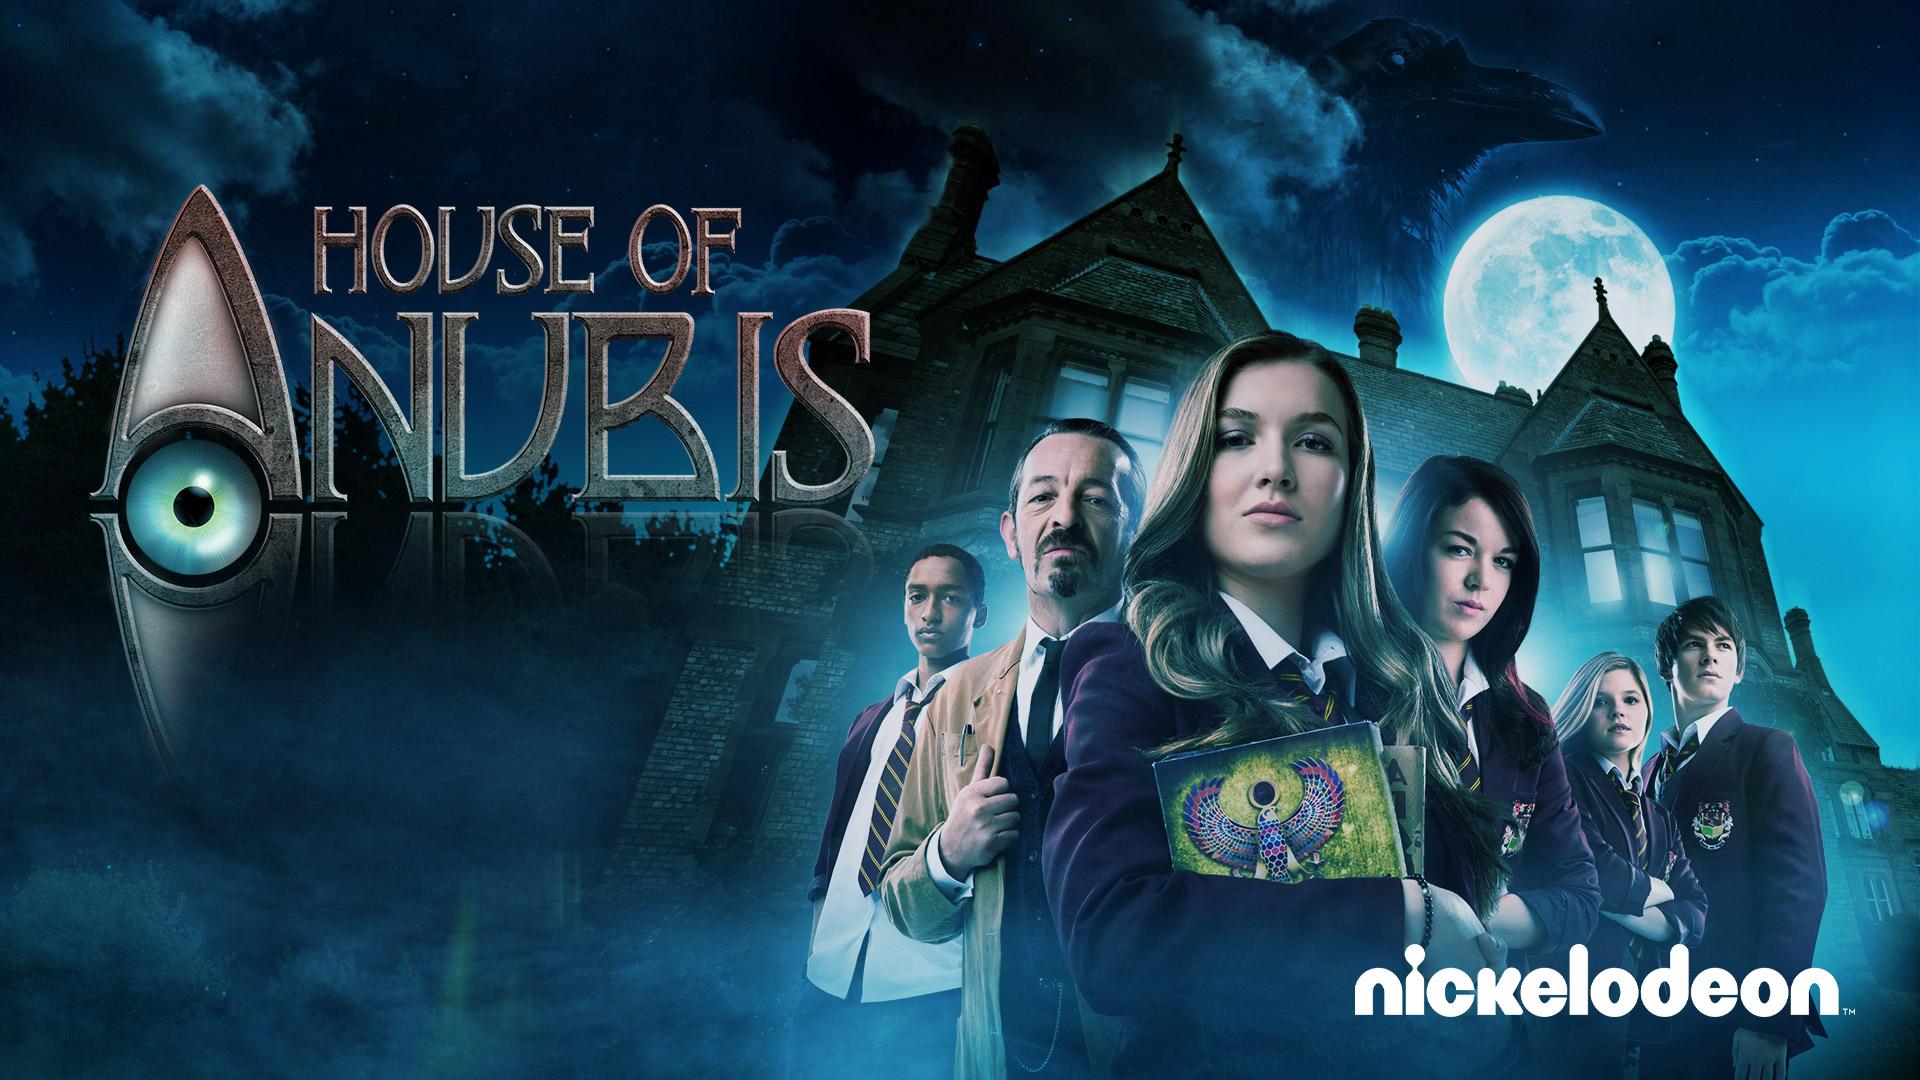 House of Anubis Season 1